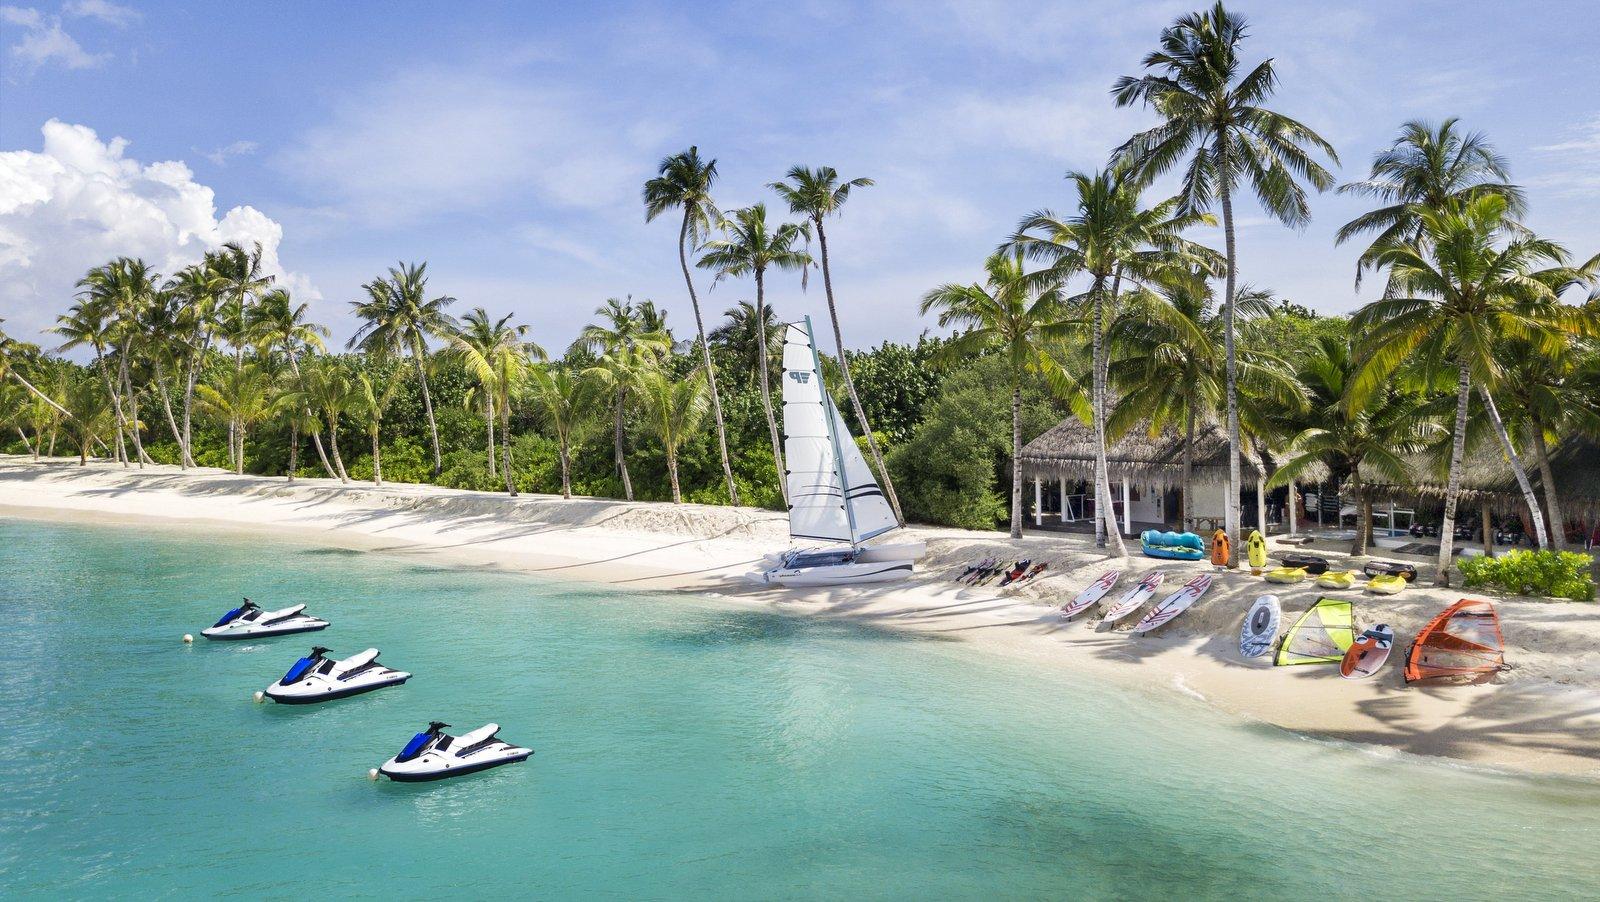 Мальдивы, отель JW Marriott Maldives Resort, пляж